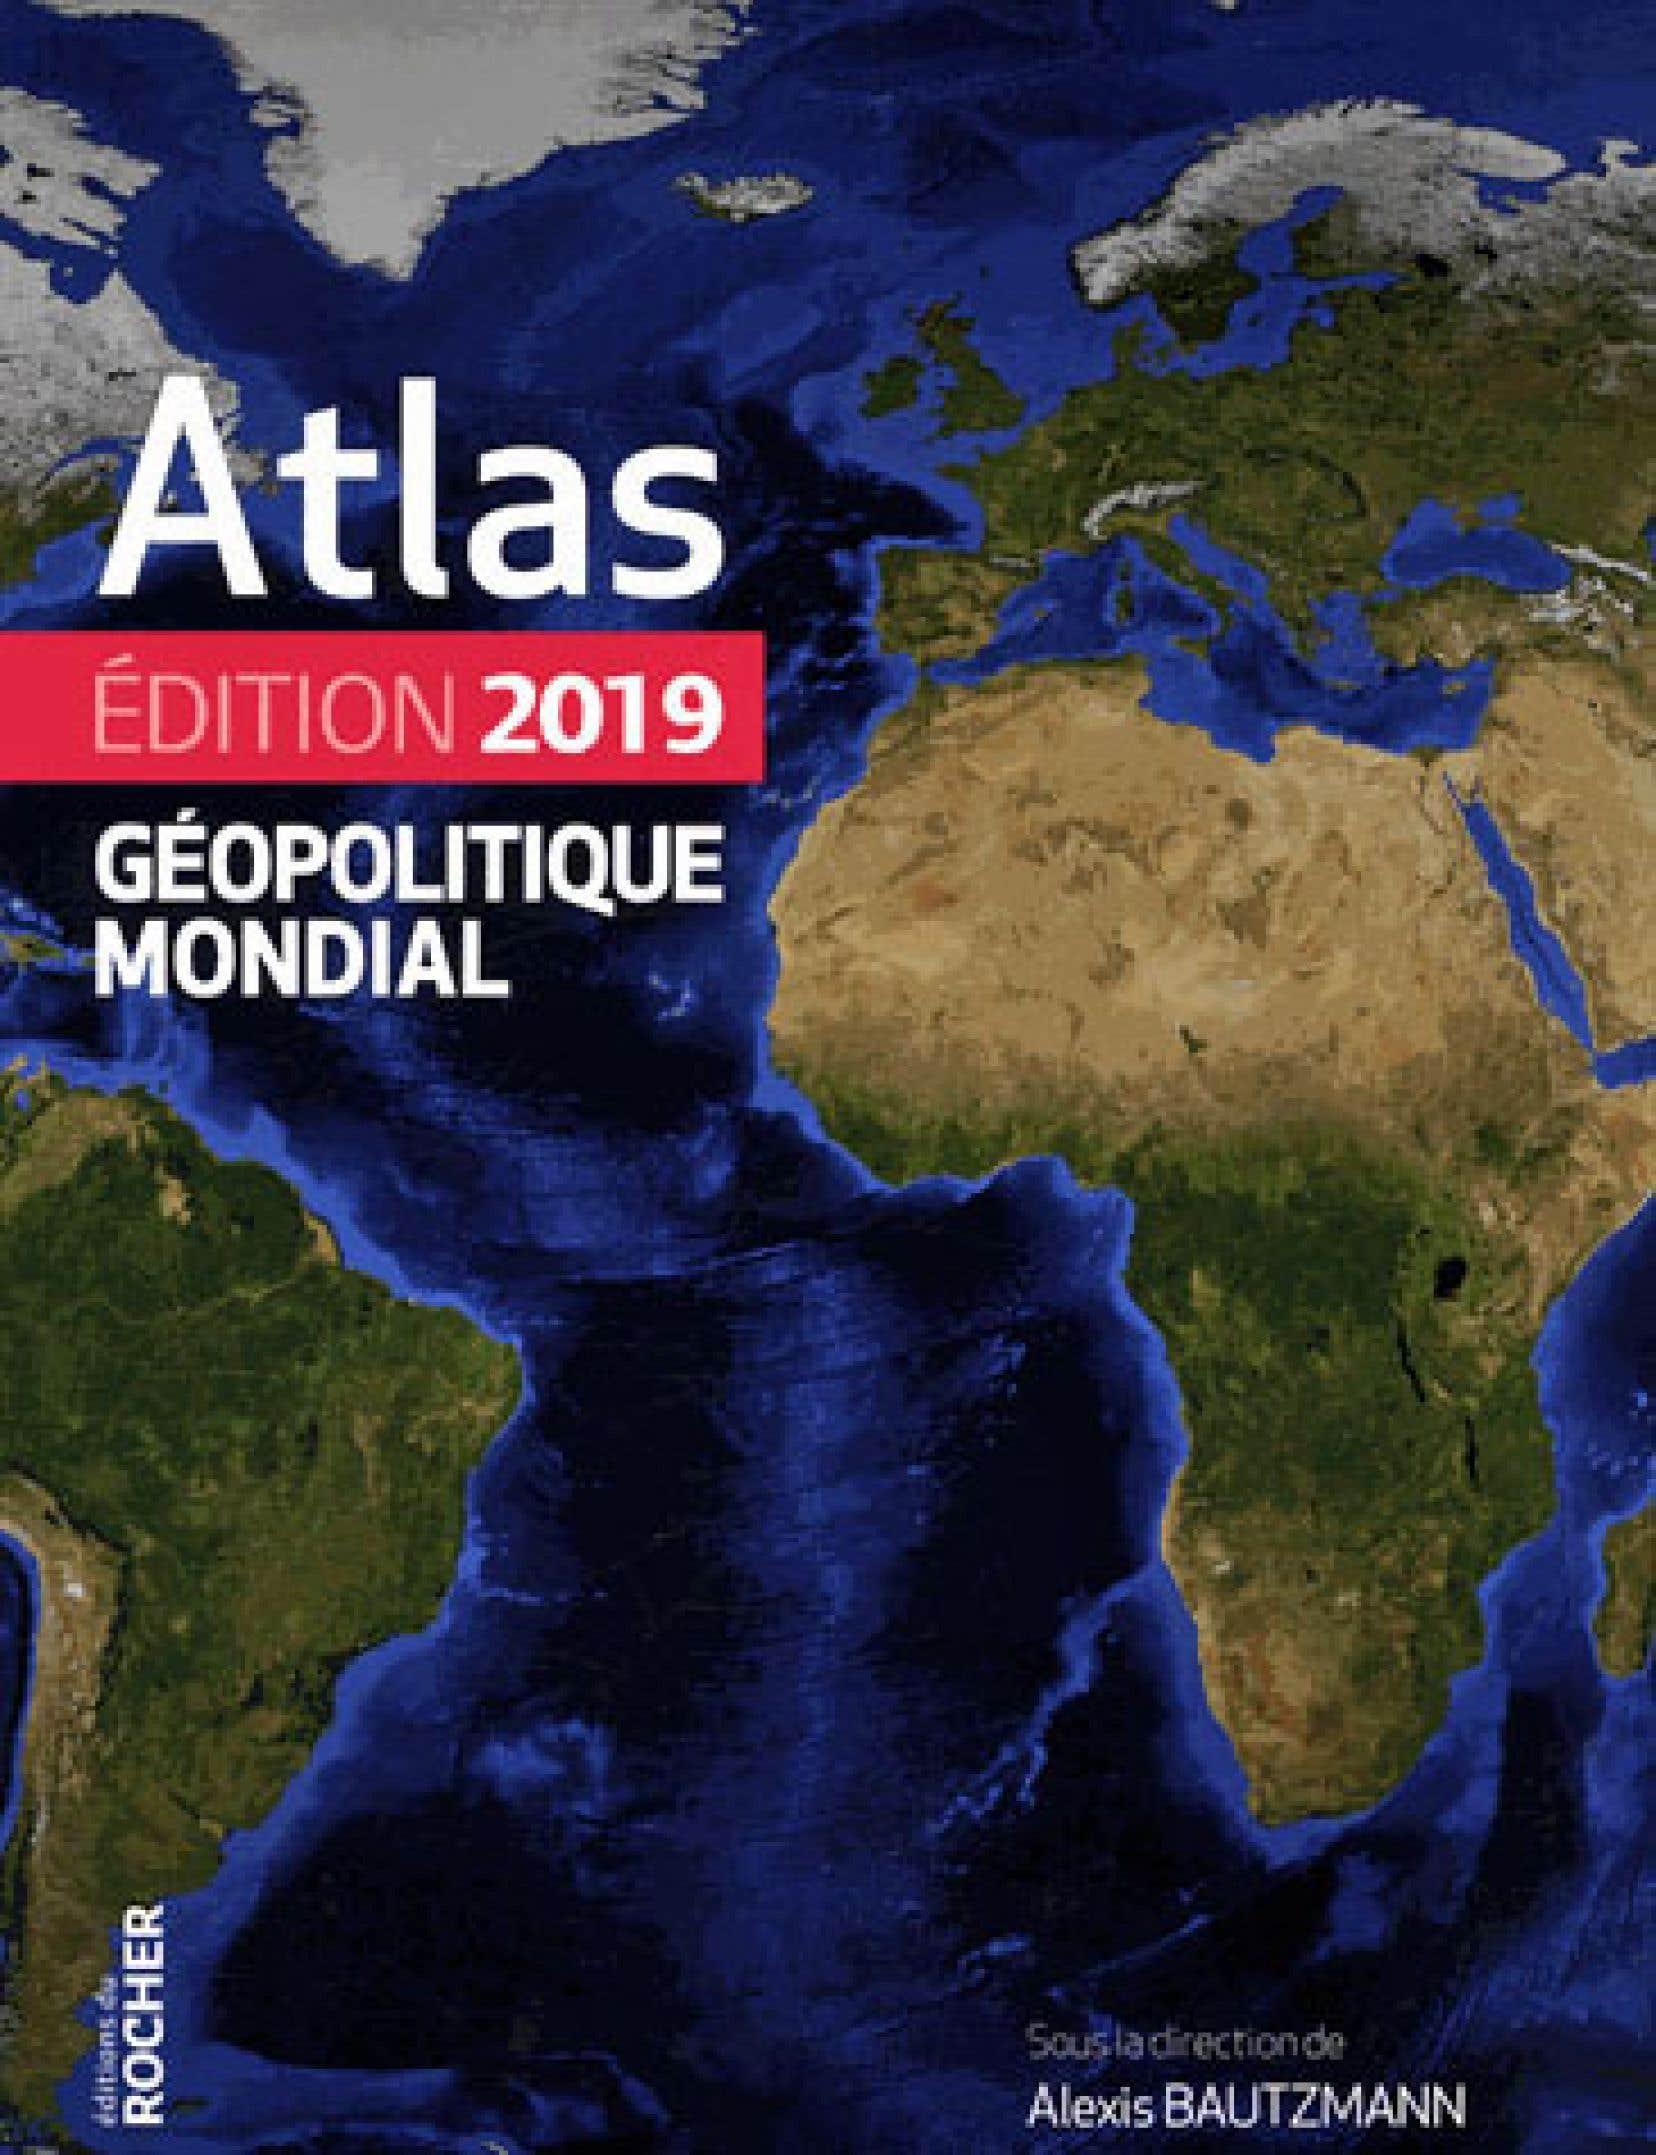 L'atlas explore aussi des thèmes plus «exotiques», telle la situation en Guyane française, au Cameroun, au Turkménistan ou celle des vignobles chinois, nouveaux acteurs du monde vinicole.